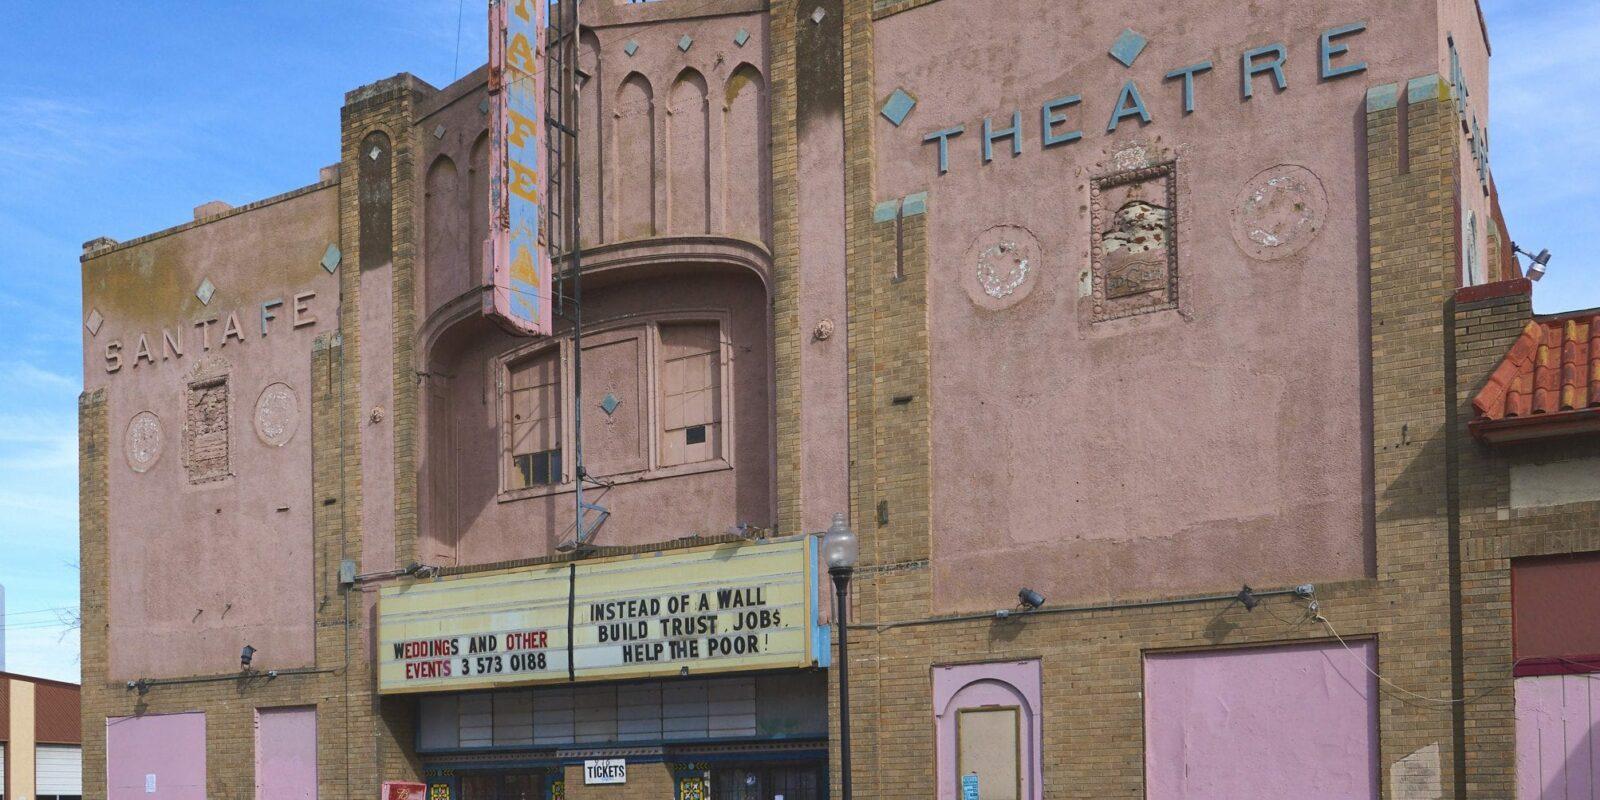 image of Santa Fe Theater in Denver